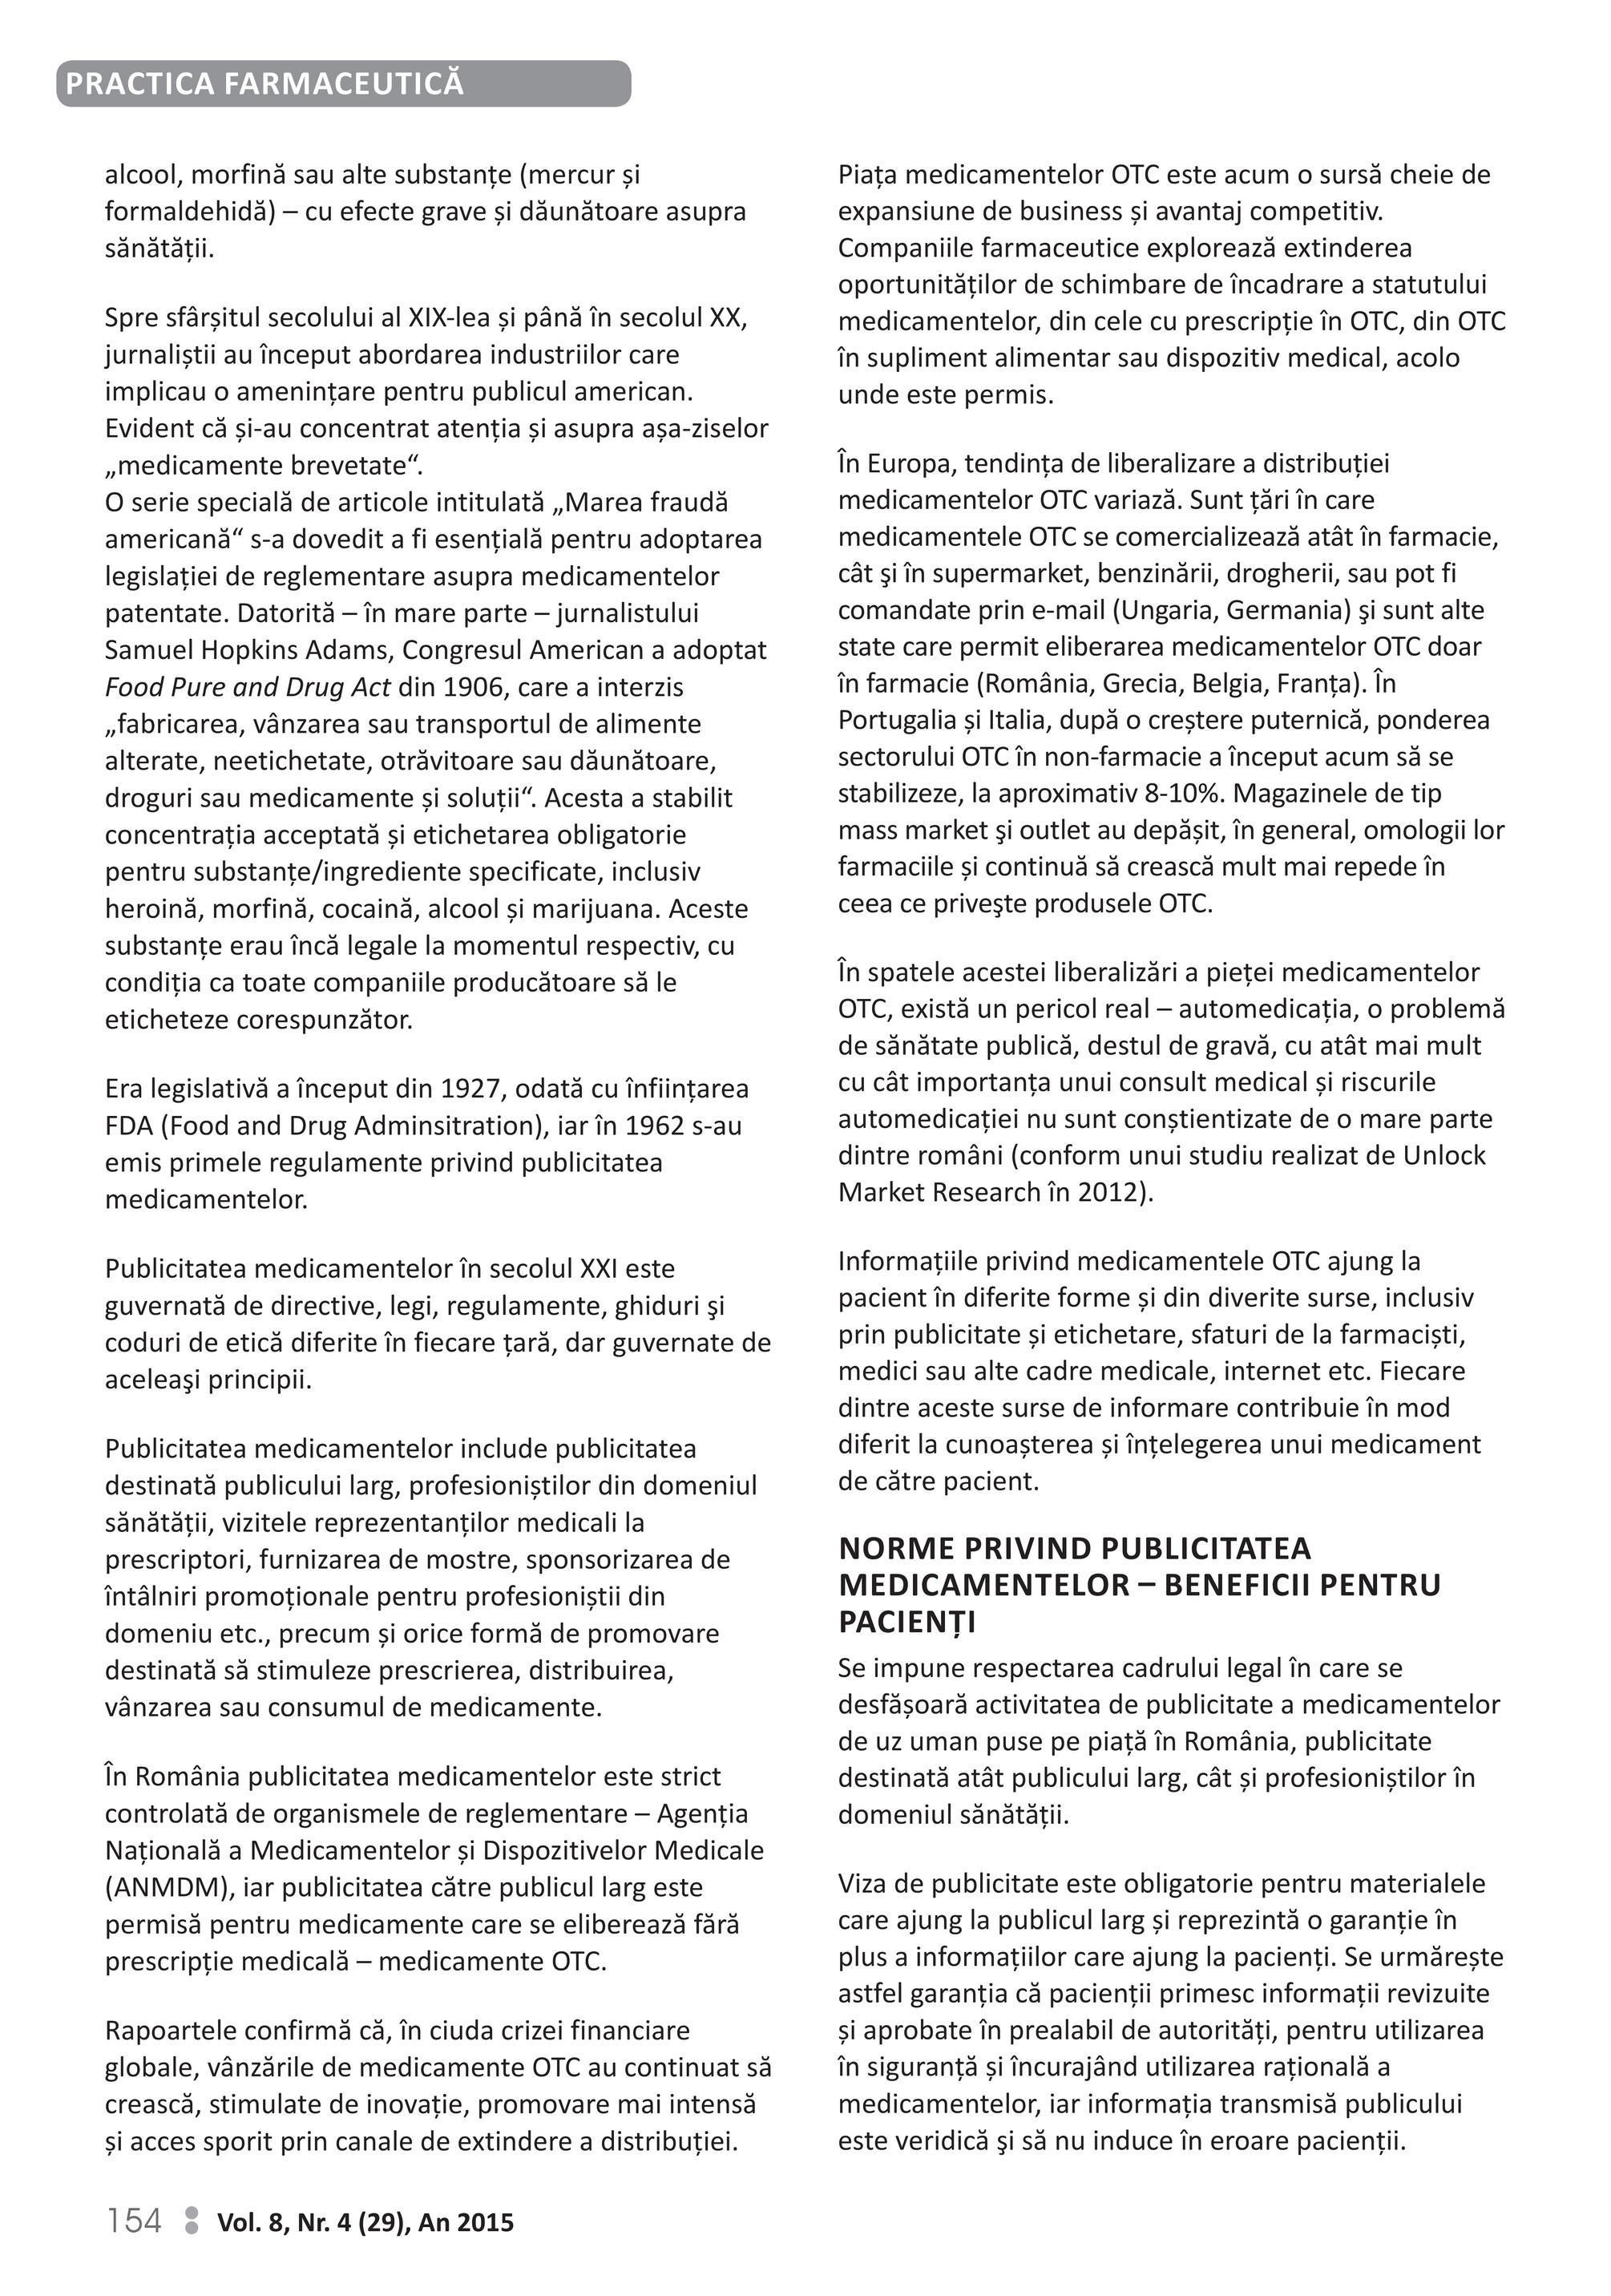 Codul de etică şi deontologie - OAMGMAMR